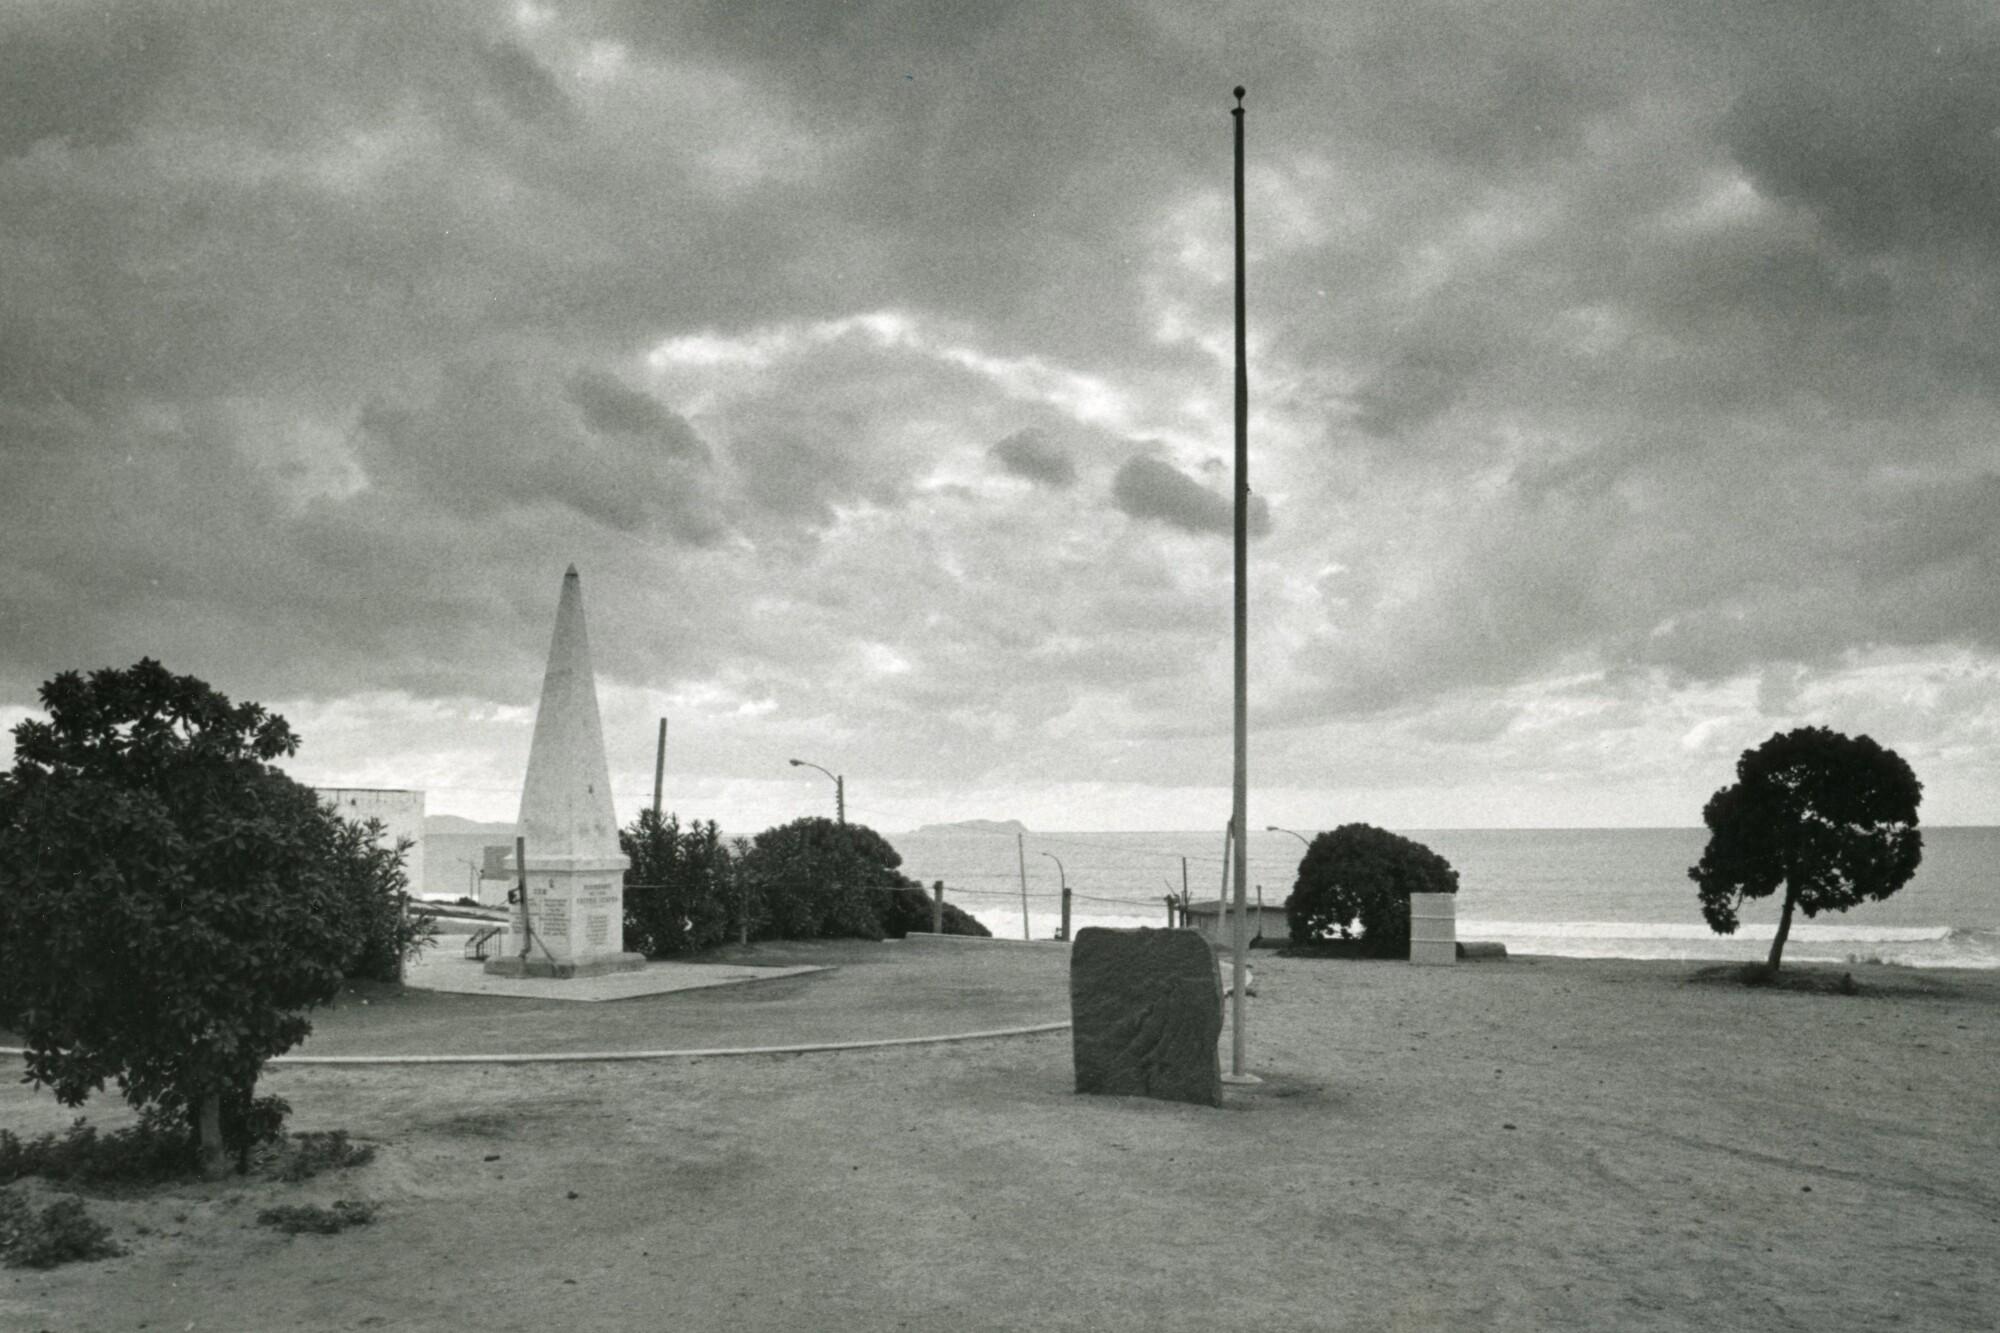 La esquina suroeste de los Estados Unidos está marcada por un obelisco, una placa y un asta de bandera.